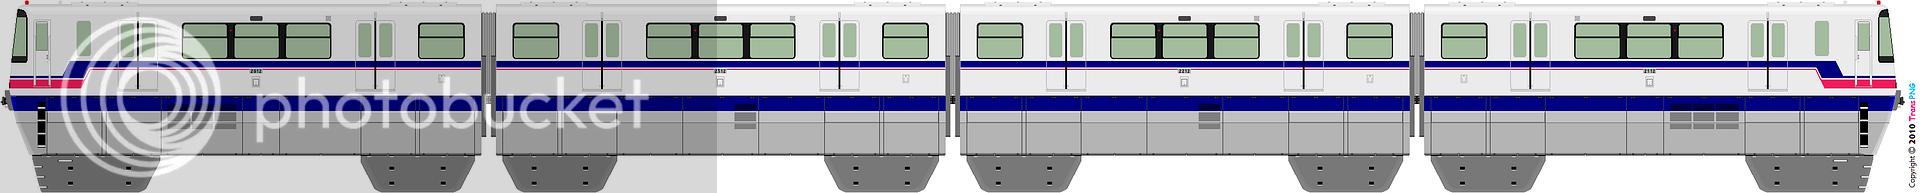 [5137] 大阪高速鐵道 2137